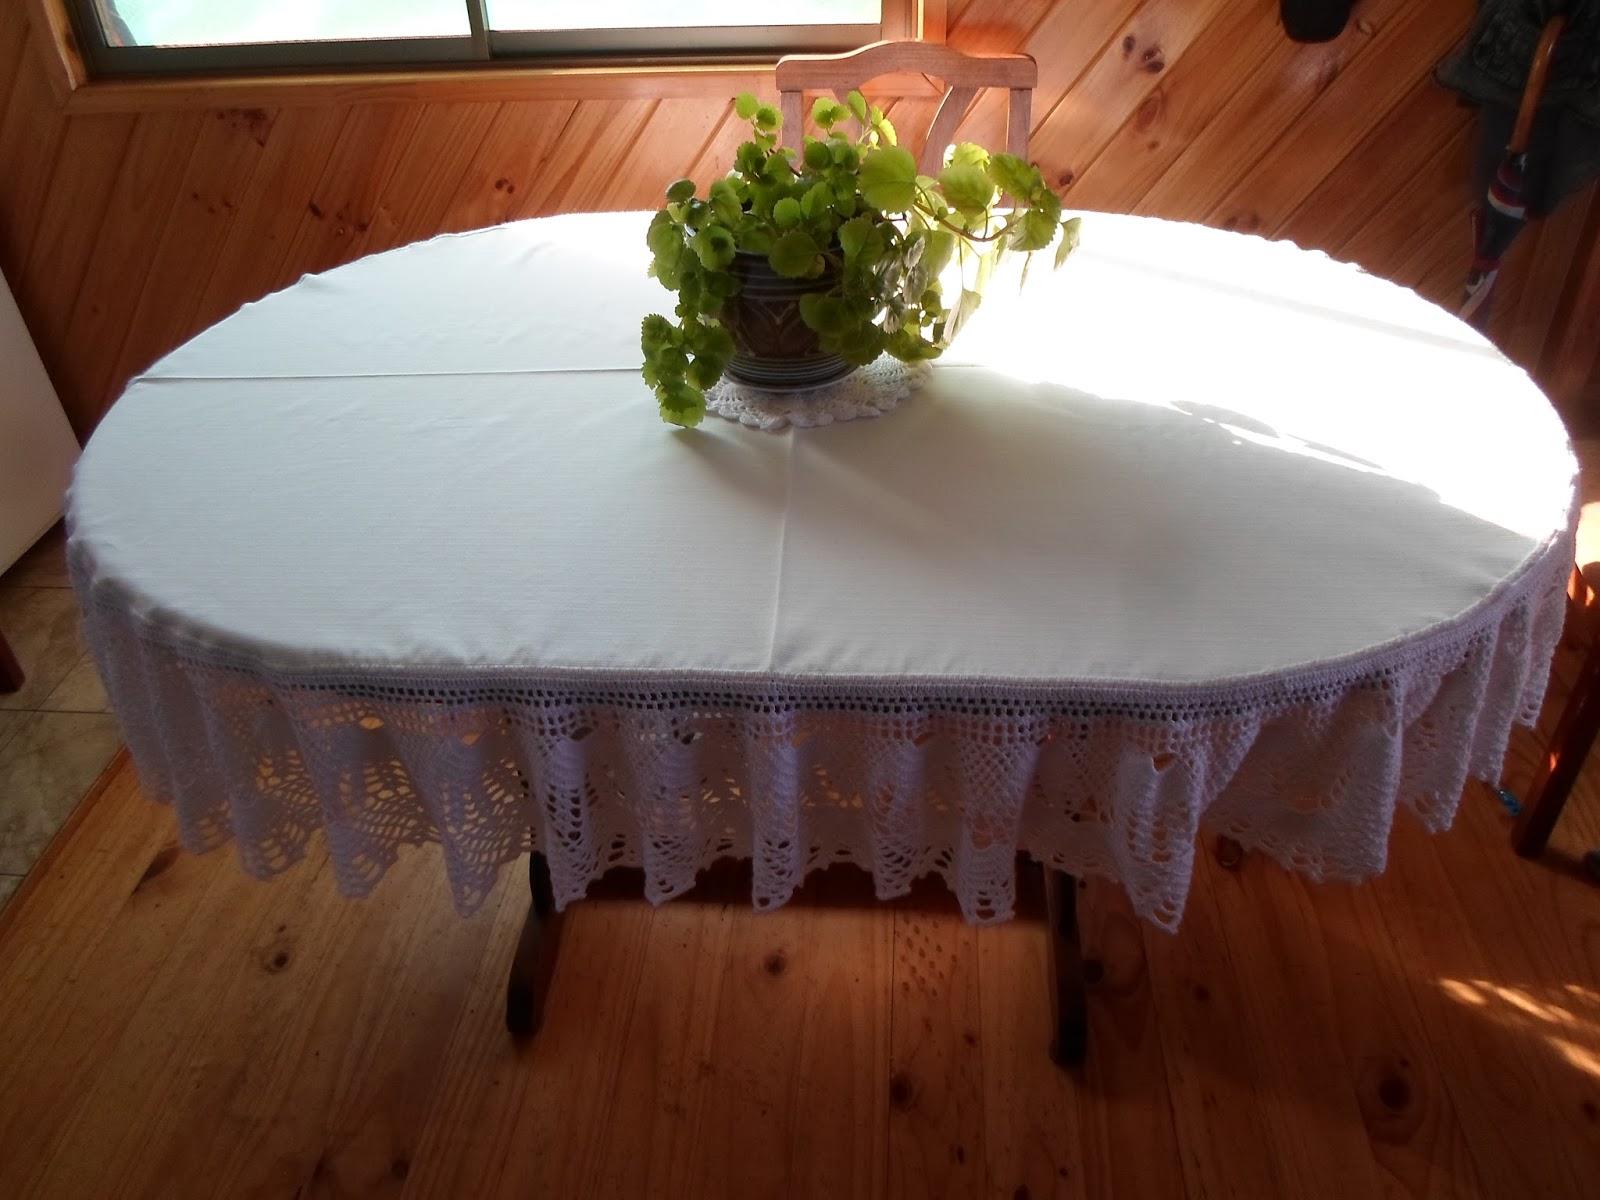 La ovejita manteles y carpetas para mesas grandes - Manteles mesas grandes ...